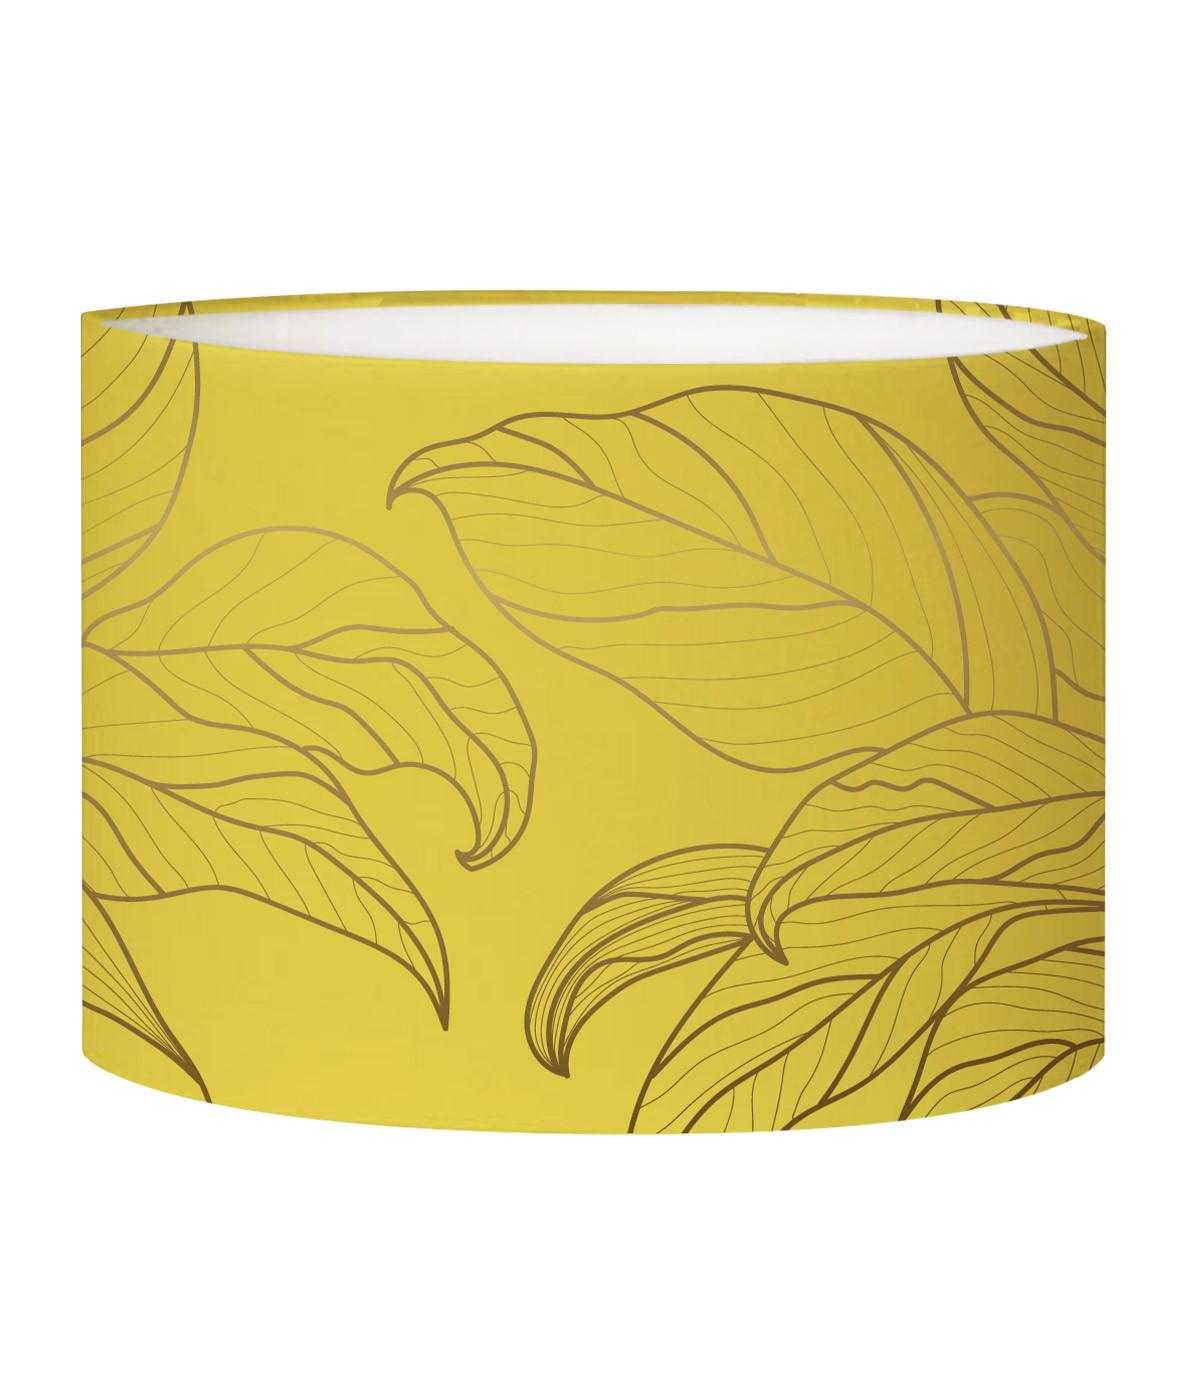 Abat-jour Lampadaire feuille jaune acidulé D 45 x H 25